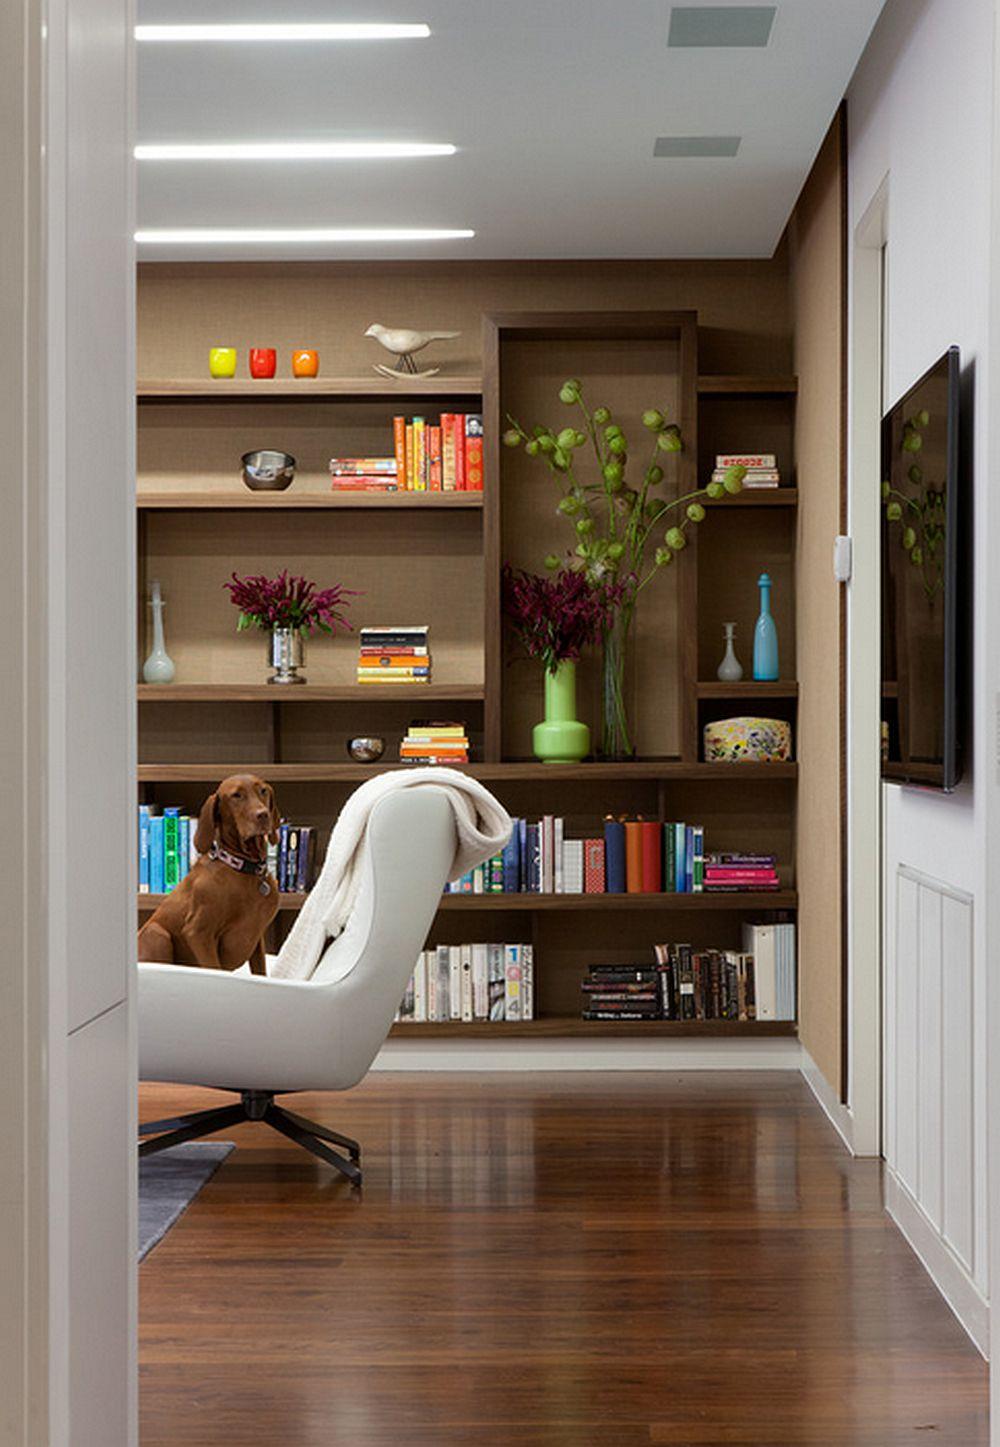 Uite, cel mai simplu e sa alegi un model similar nuantei mobilierului si se va face un contrast frumos cu obiectele colorate, foto gne architecture